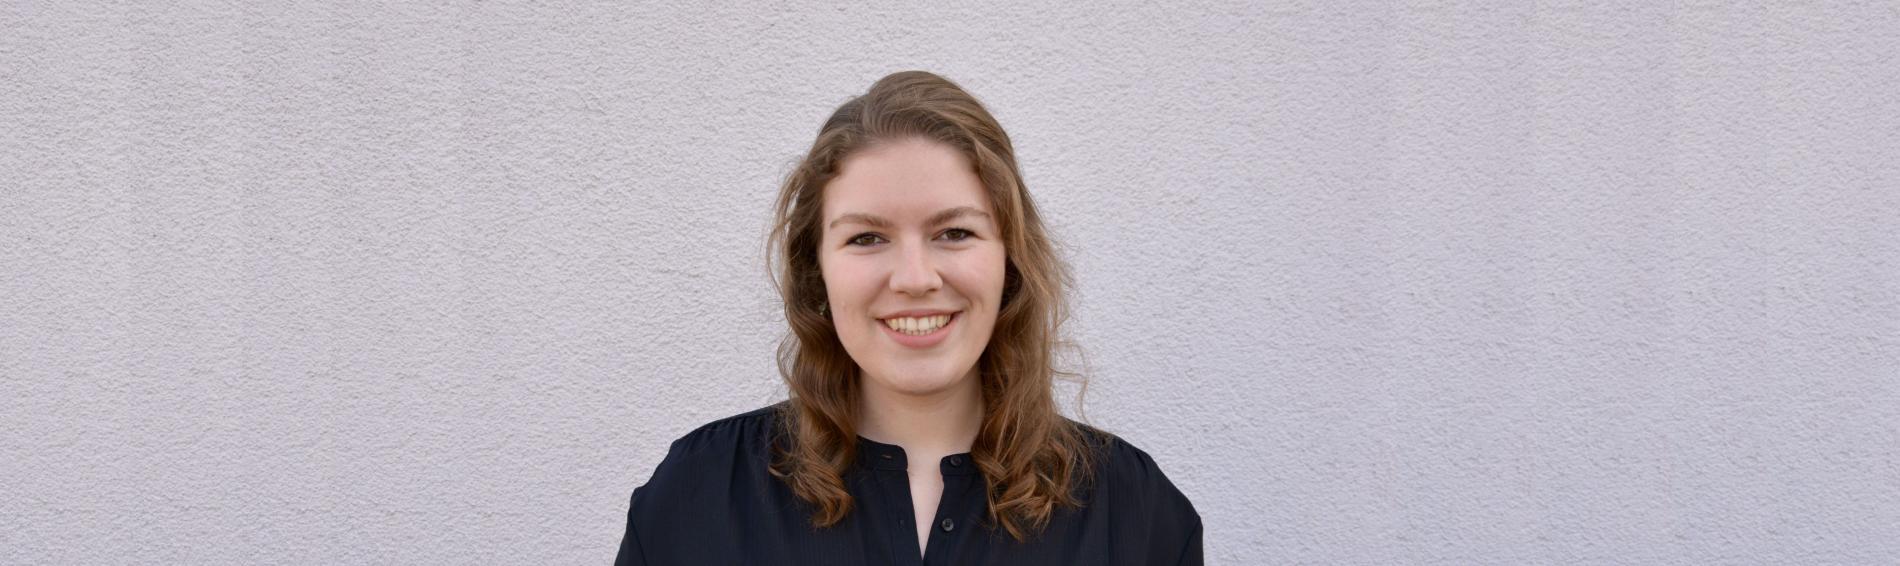 Lilian Dorsch, Referentin für Philantropie bei Ärzte der Welt. Foto: Ärzte der Welt